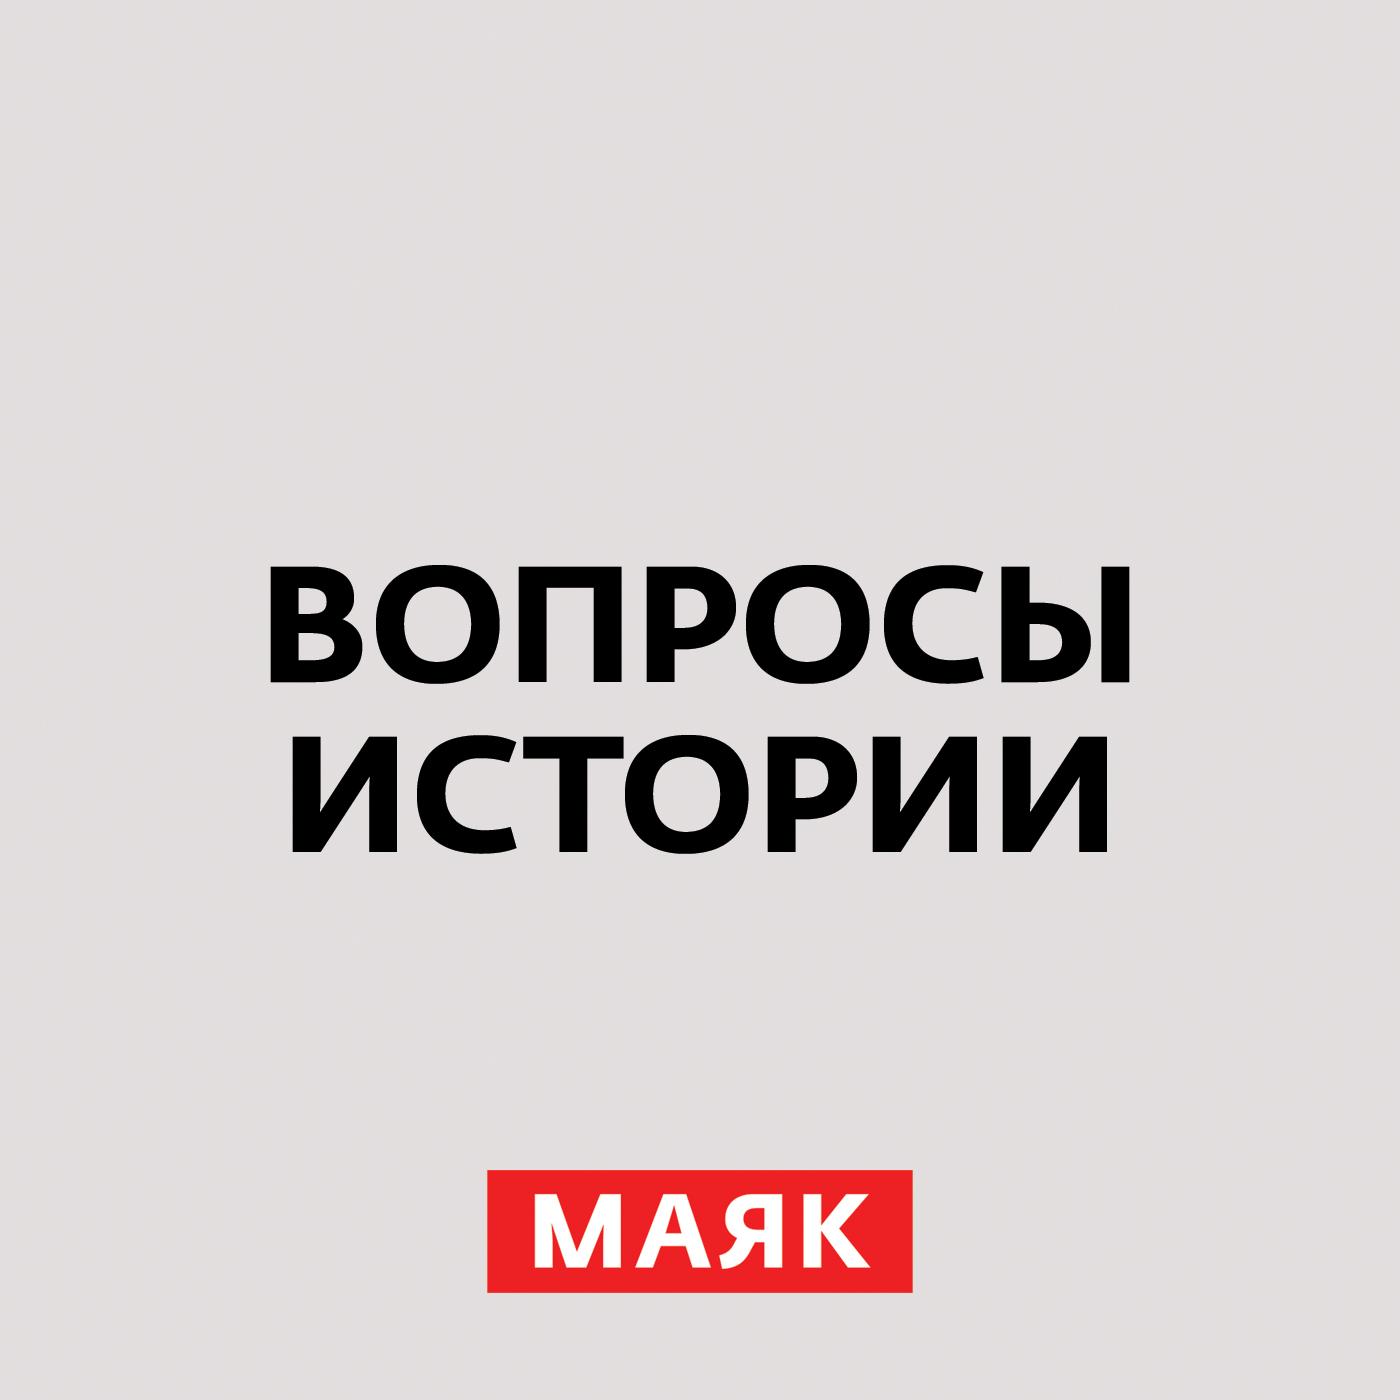 Андрей Светенко Самозванство – русское явление. В нём – особенность нашего менталитета василий пугачёв введение в политологию